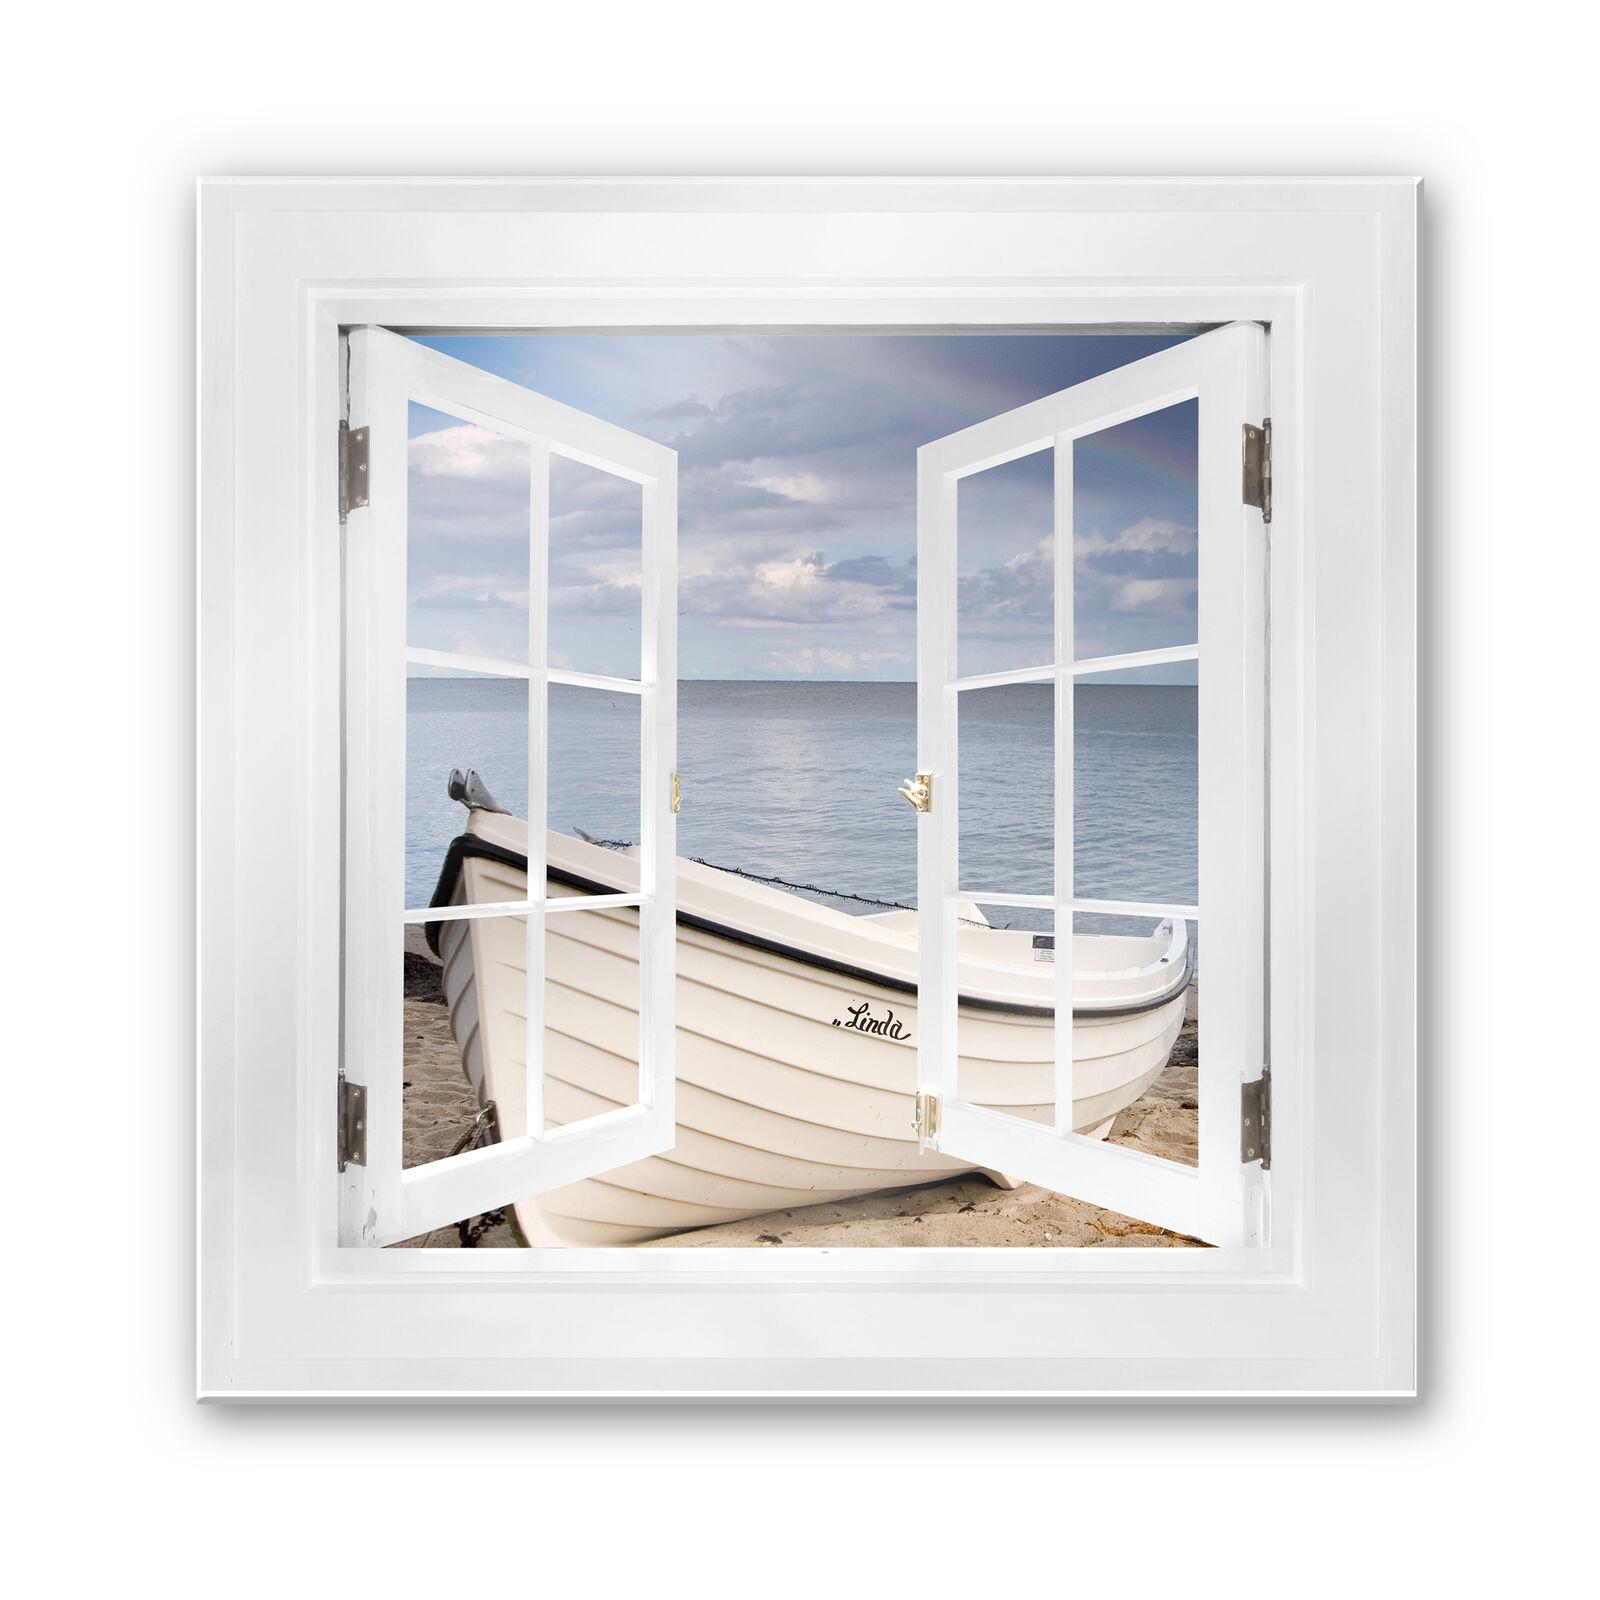 Immagine di vetro finestra 3d quadrato-Spiaggia IDYLL - 50x50 cm sbalorditivo reale decorazione